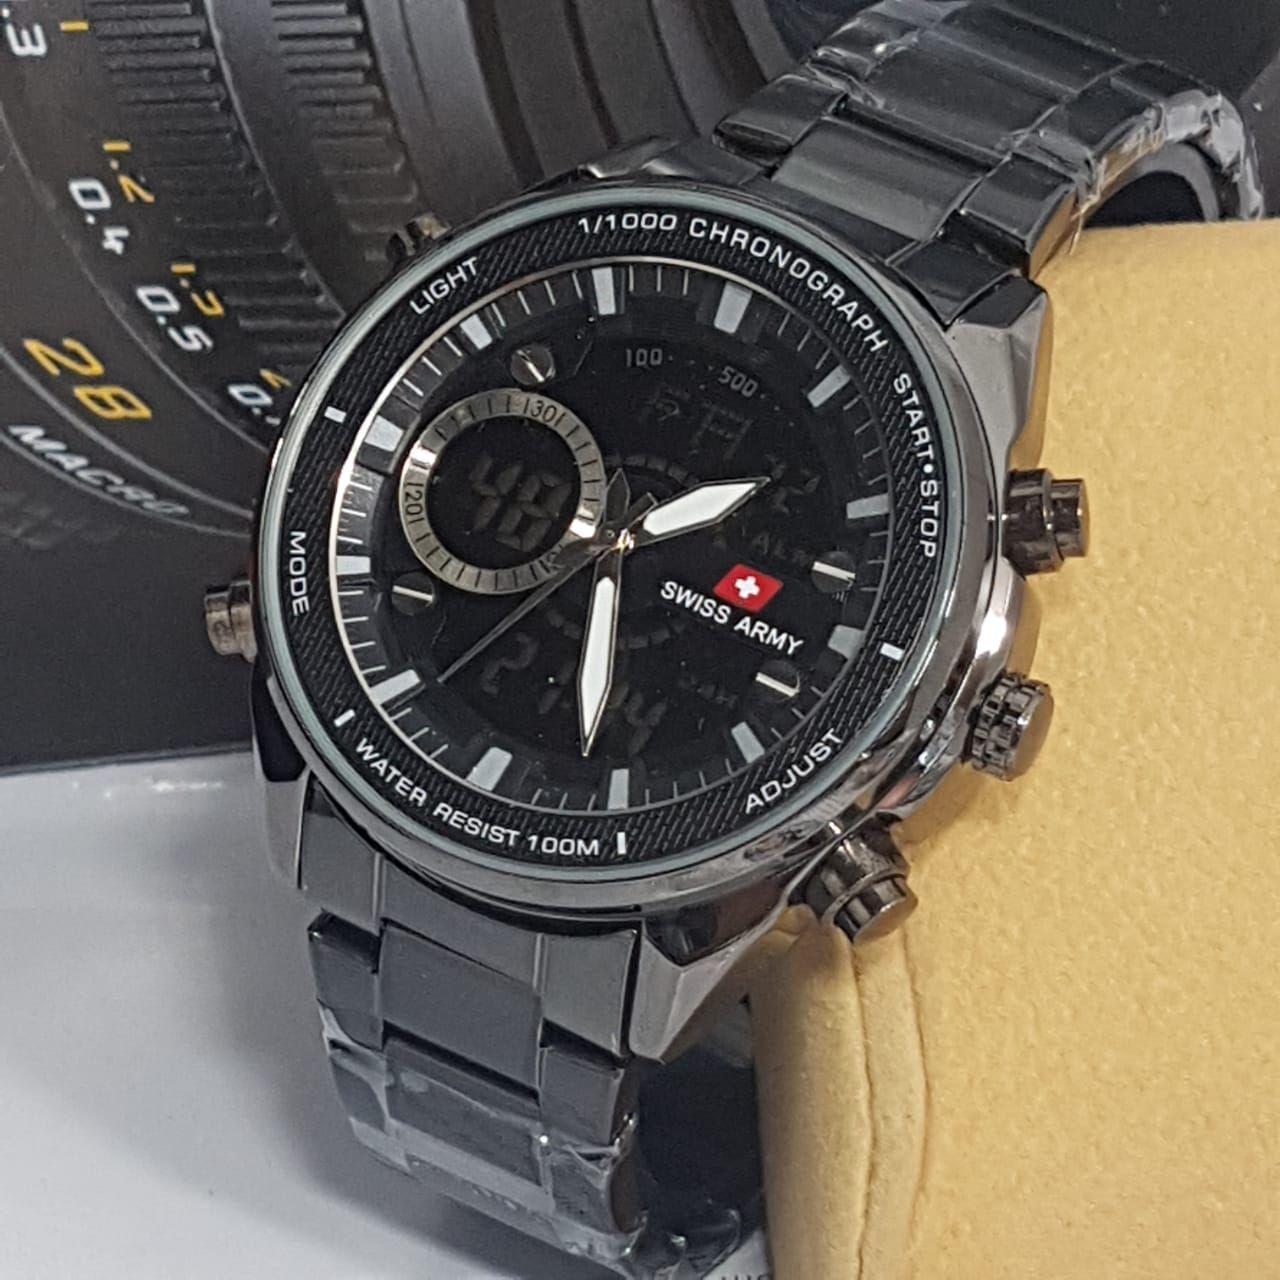 Swiss Army Fashion ORY Fitur Dual Time Toko Grosir 2200M  Jam Tangan Pria  Stainlesstell Terbaru 52bd4959b2